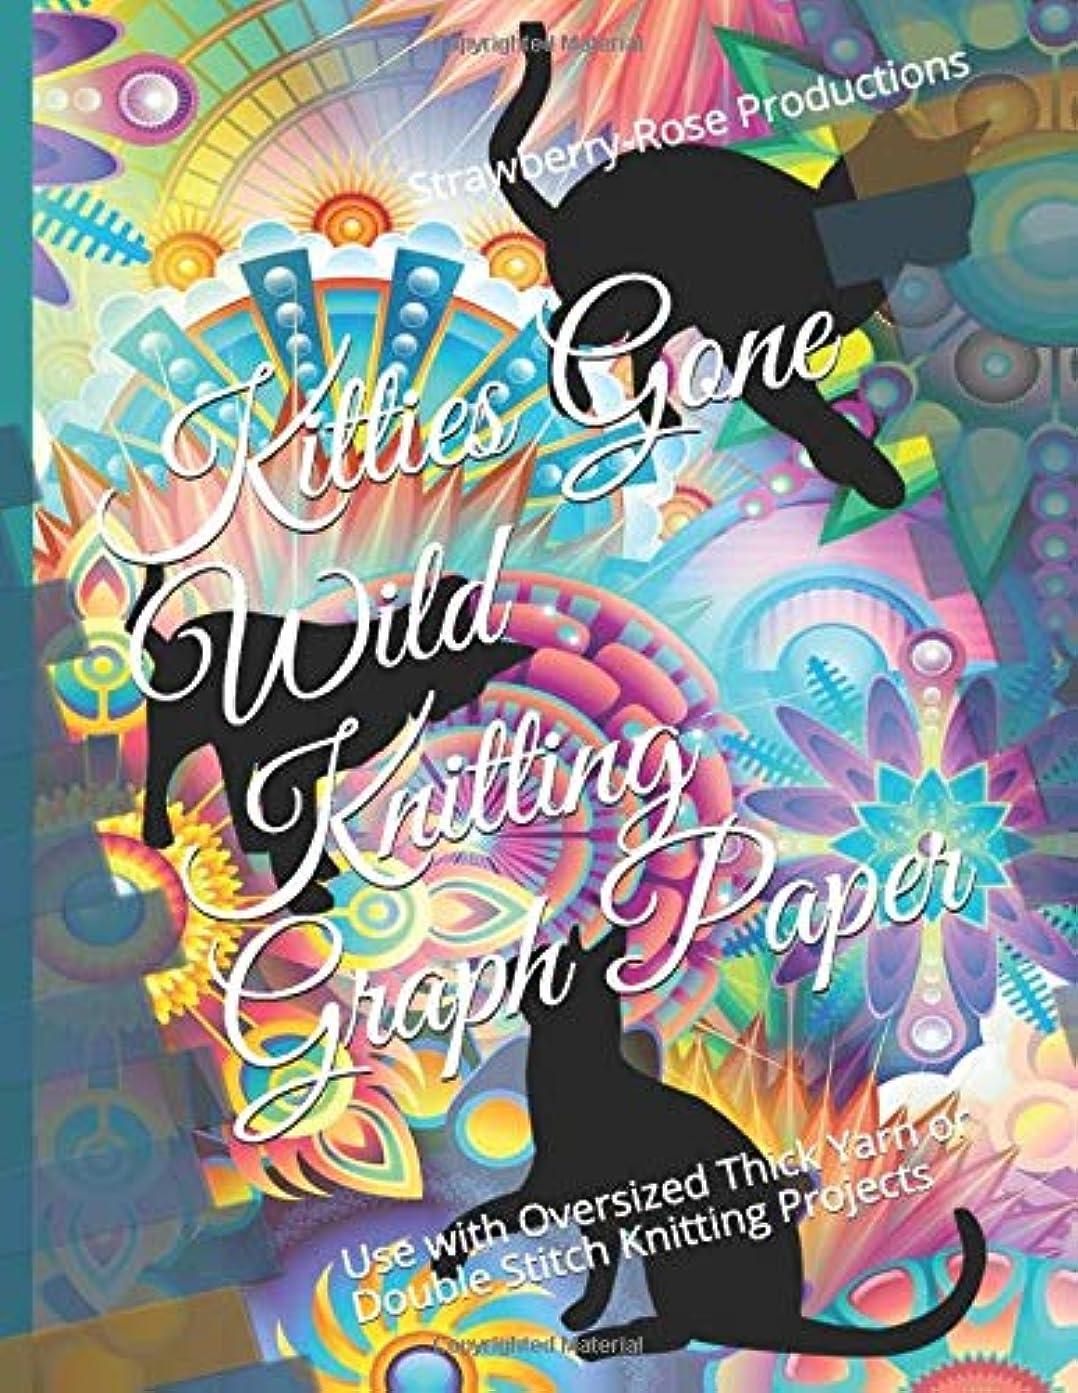 ハブ再生的革命Kitties Gone Wild Knitting Graph Paper: Use with Oversized Thick Yarn or Double Stitch Knitting Projects